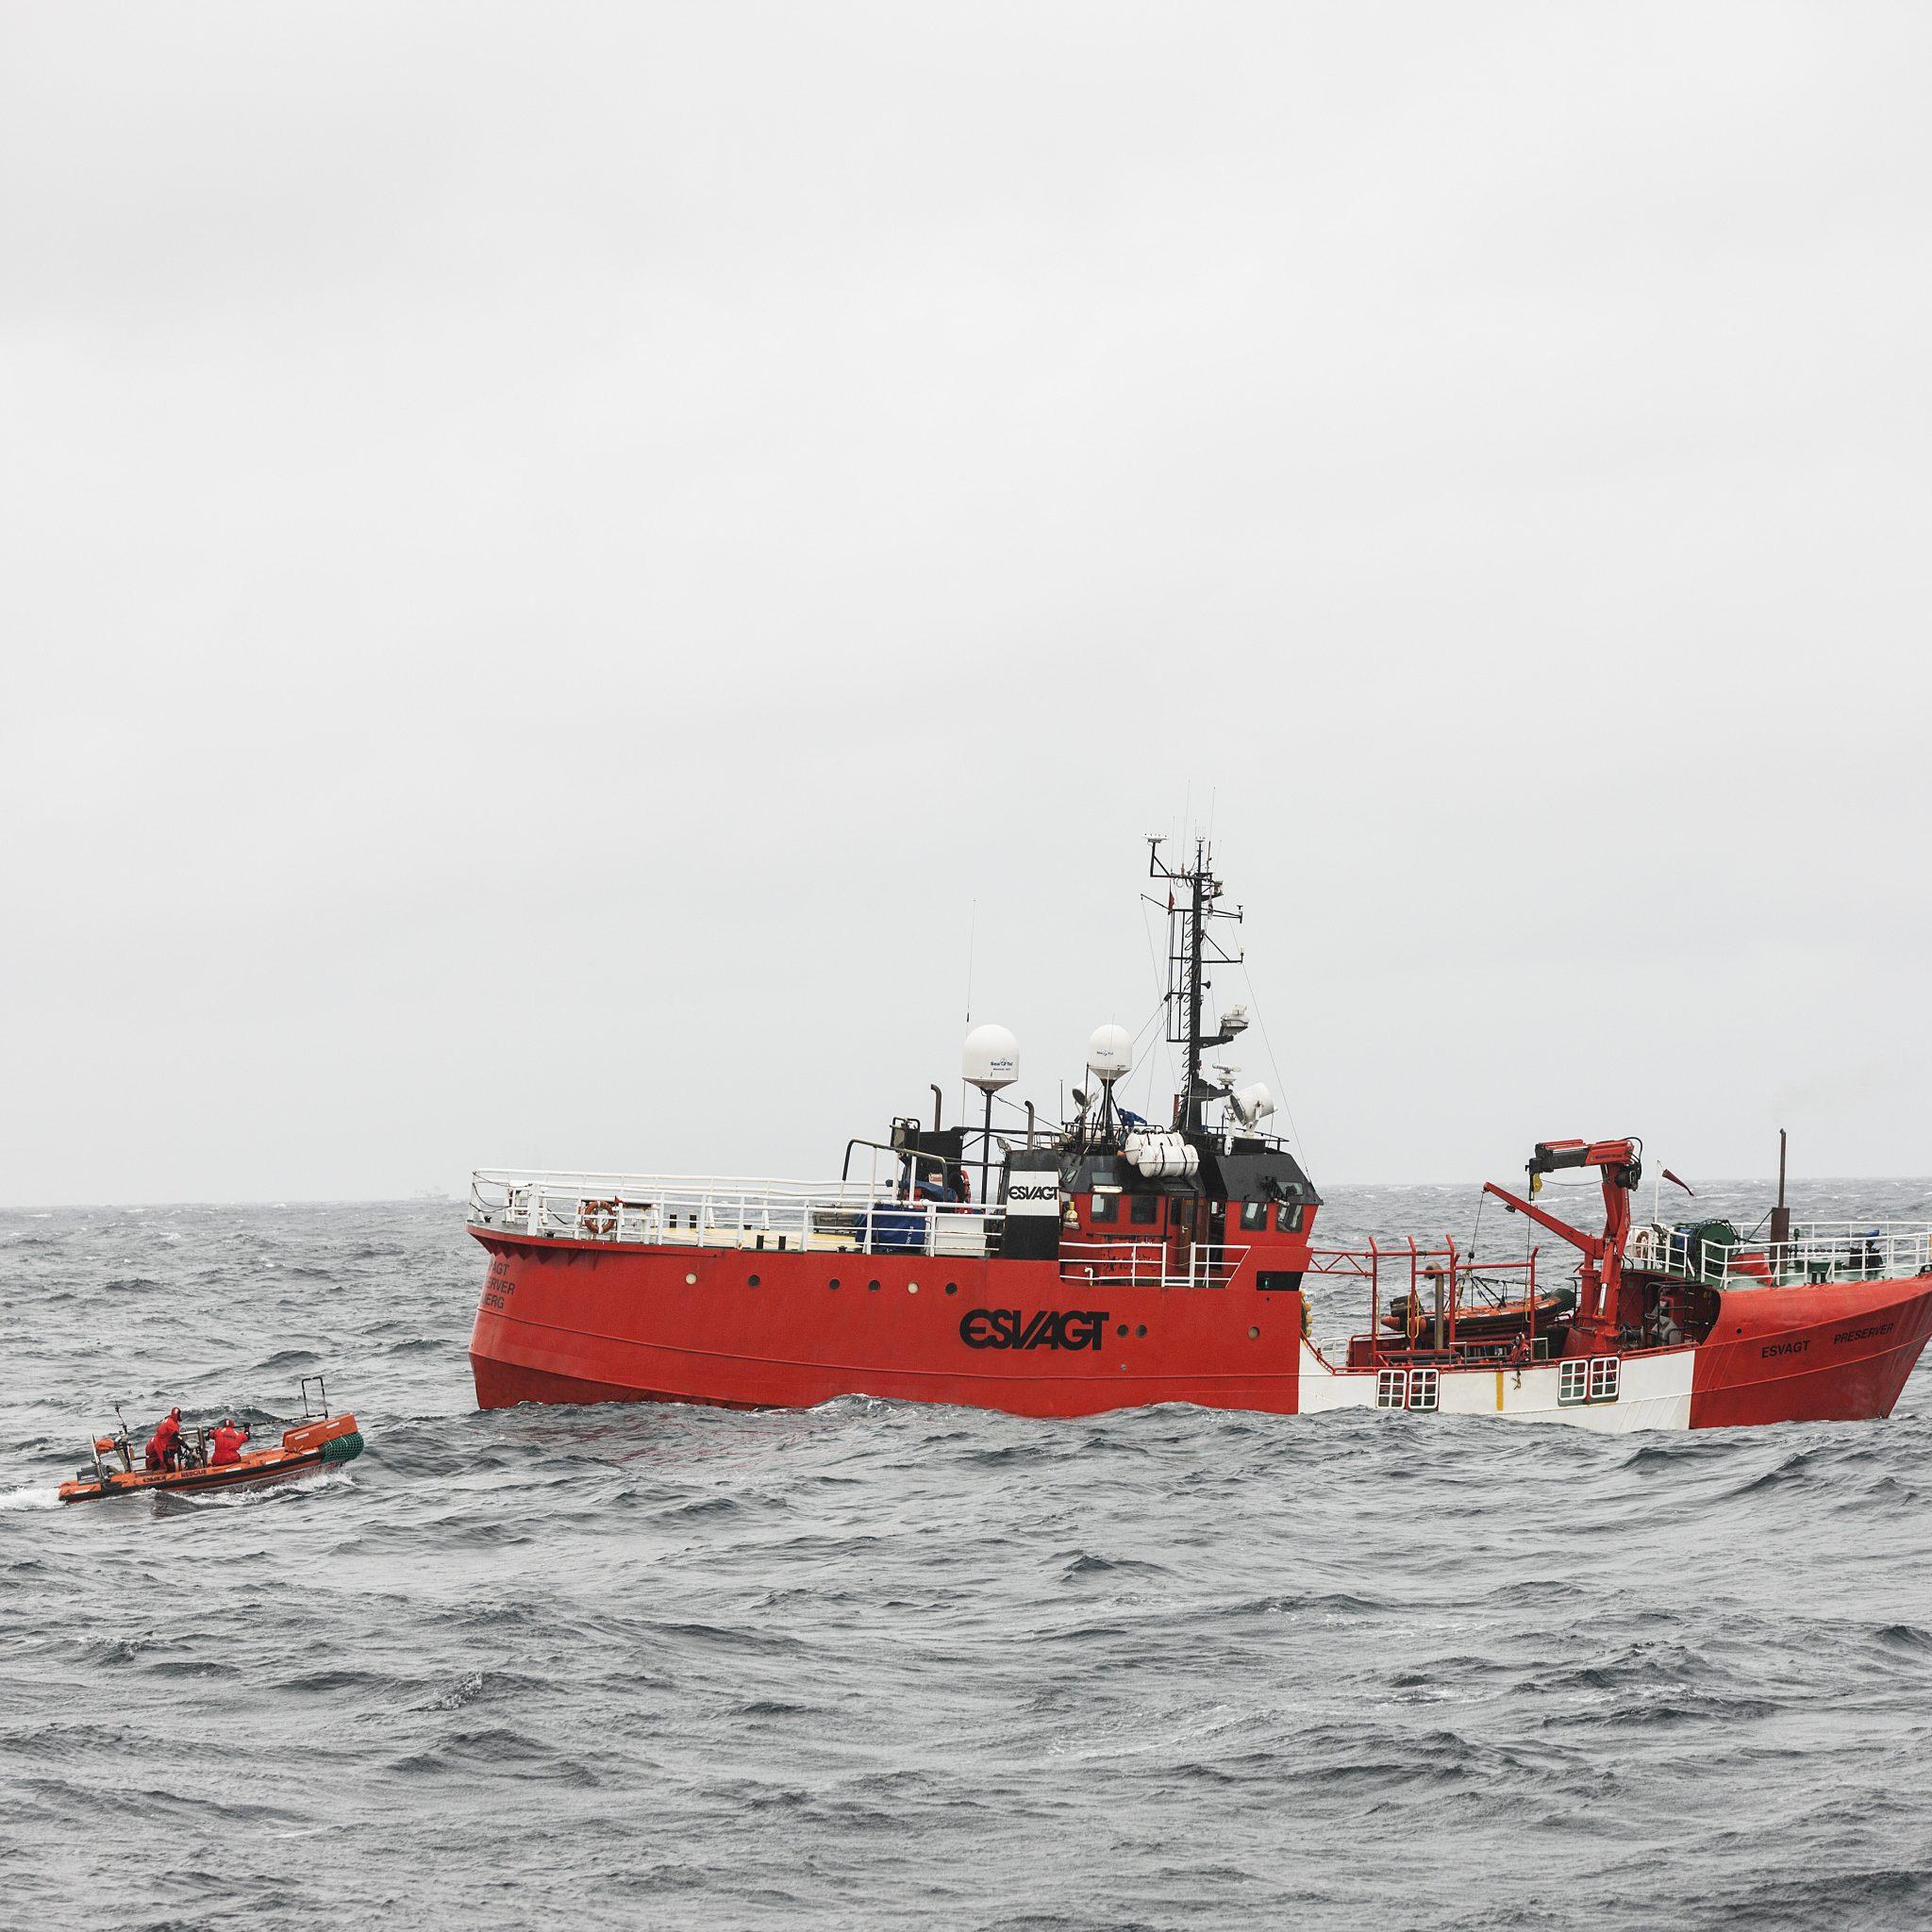 De Esvagt Preserver, 30 jaar in actie op de Noordzee zonder een dag verzuim vanwege een ongeval. (Foto Esvagt)